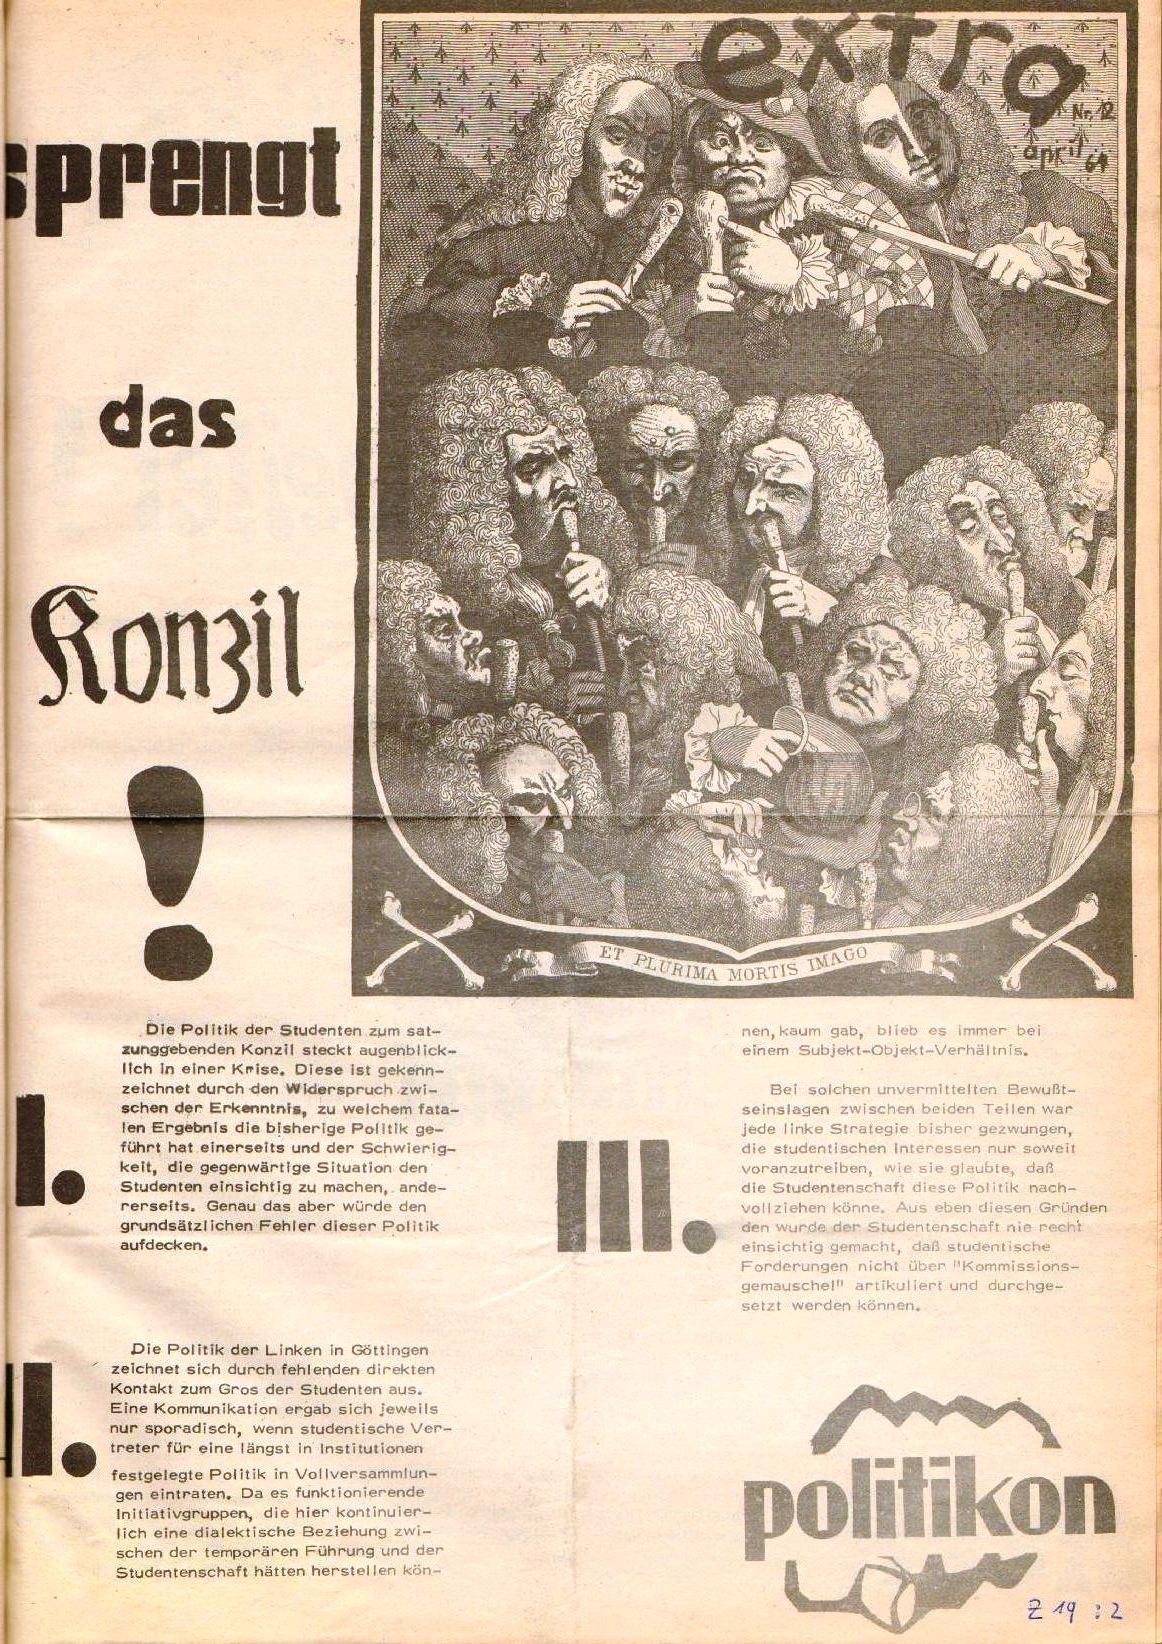 Goettingen_Politikon005